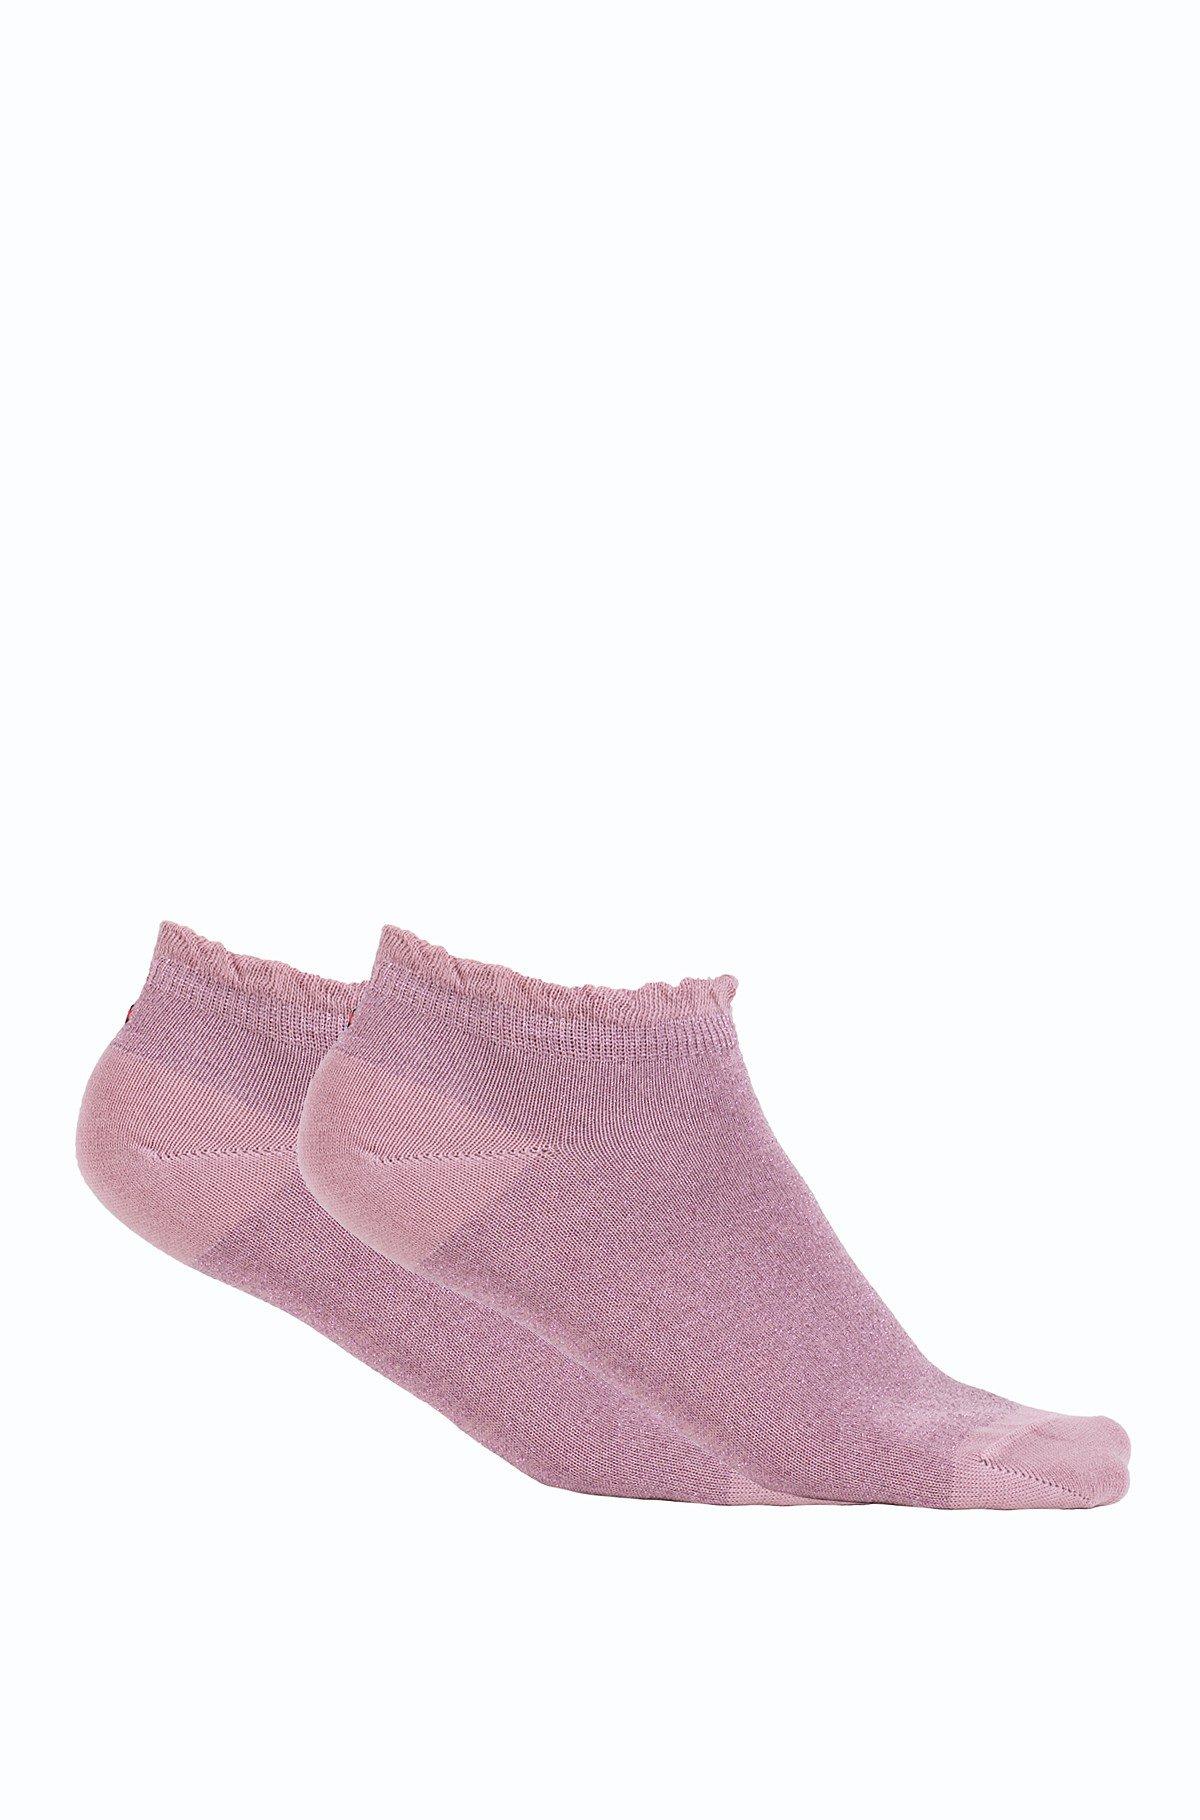 Socks 320323001-full-1